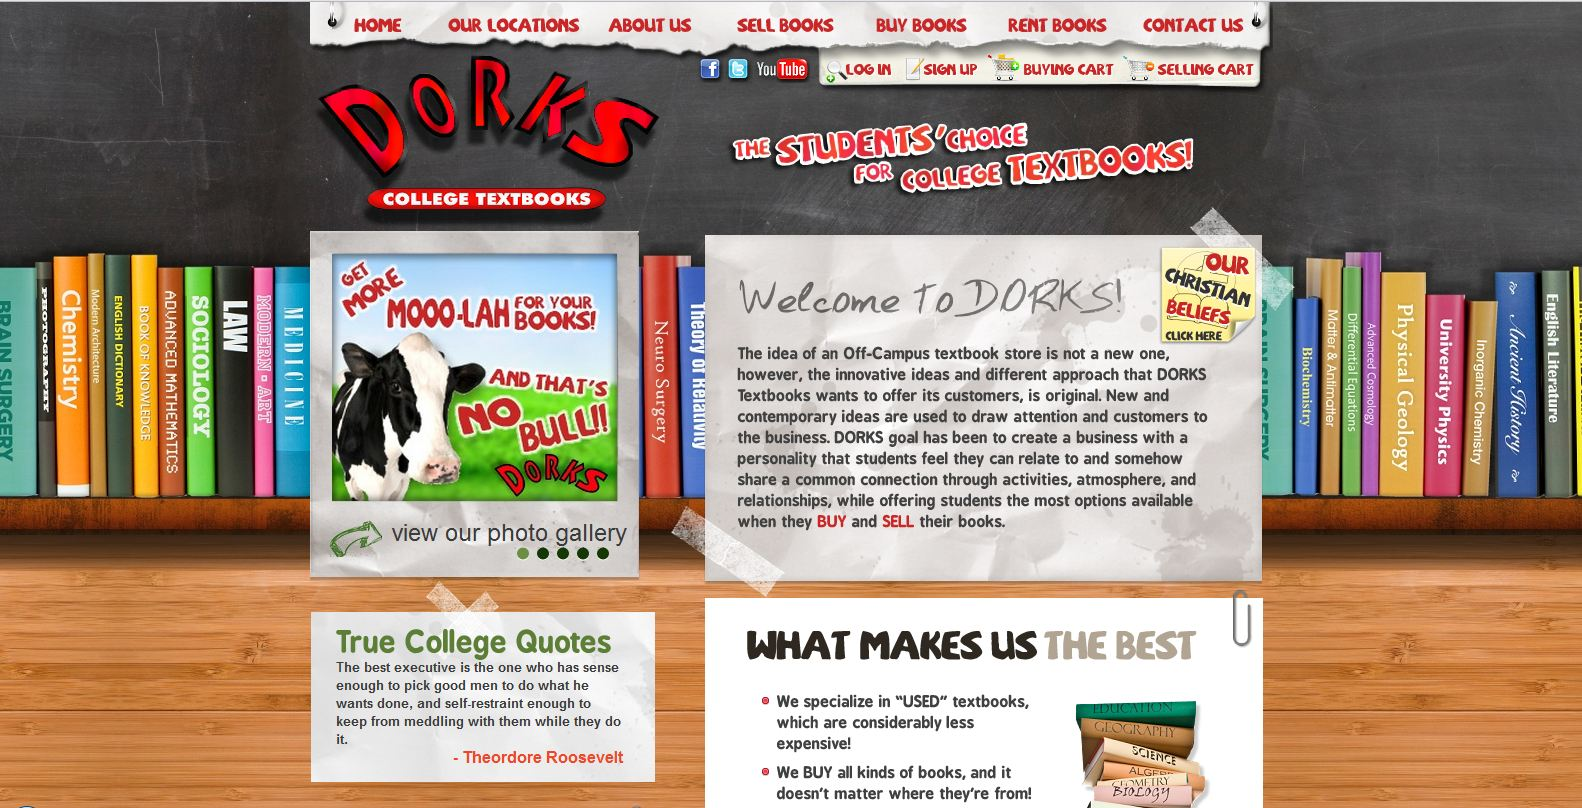 Dorksbooks.com